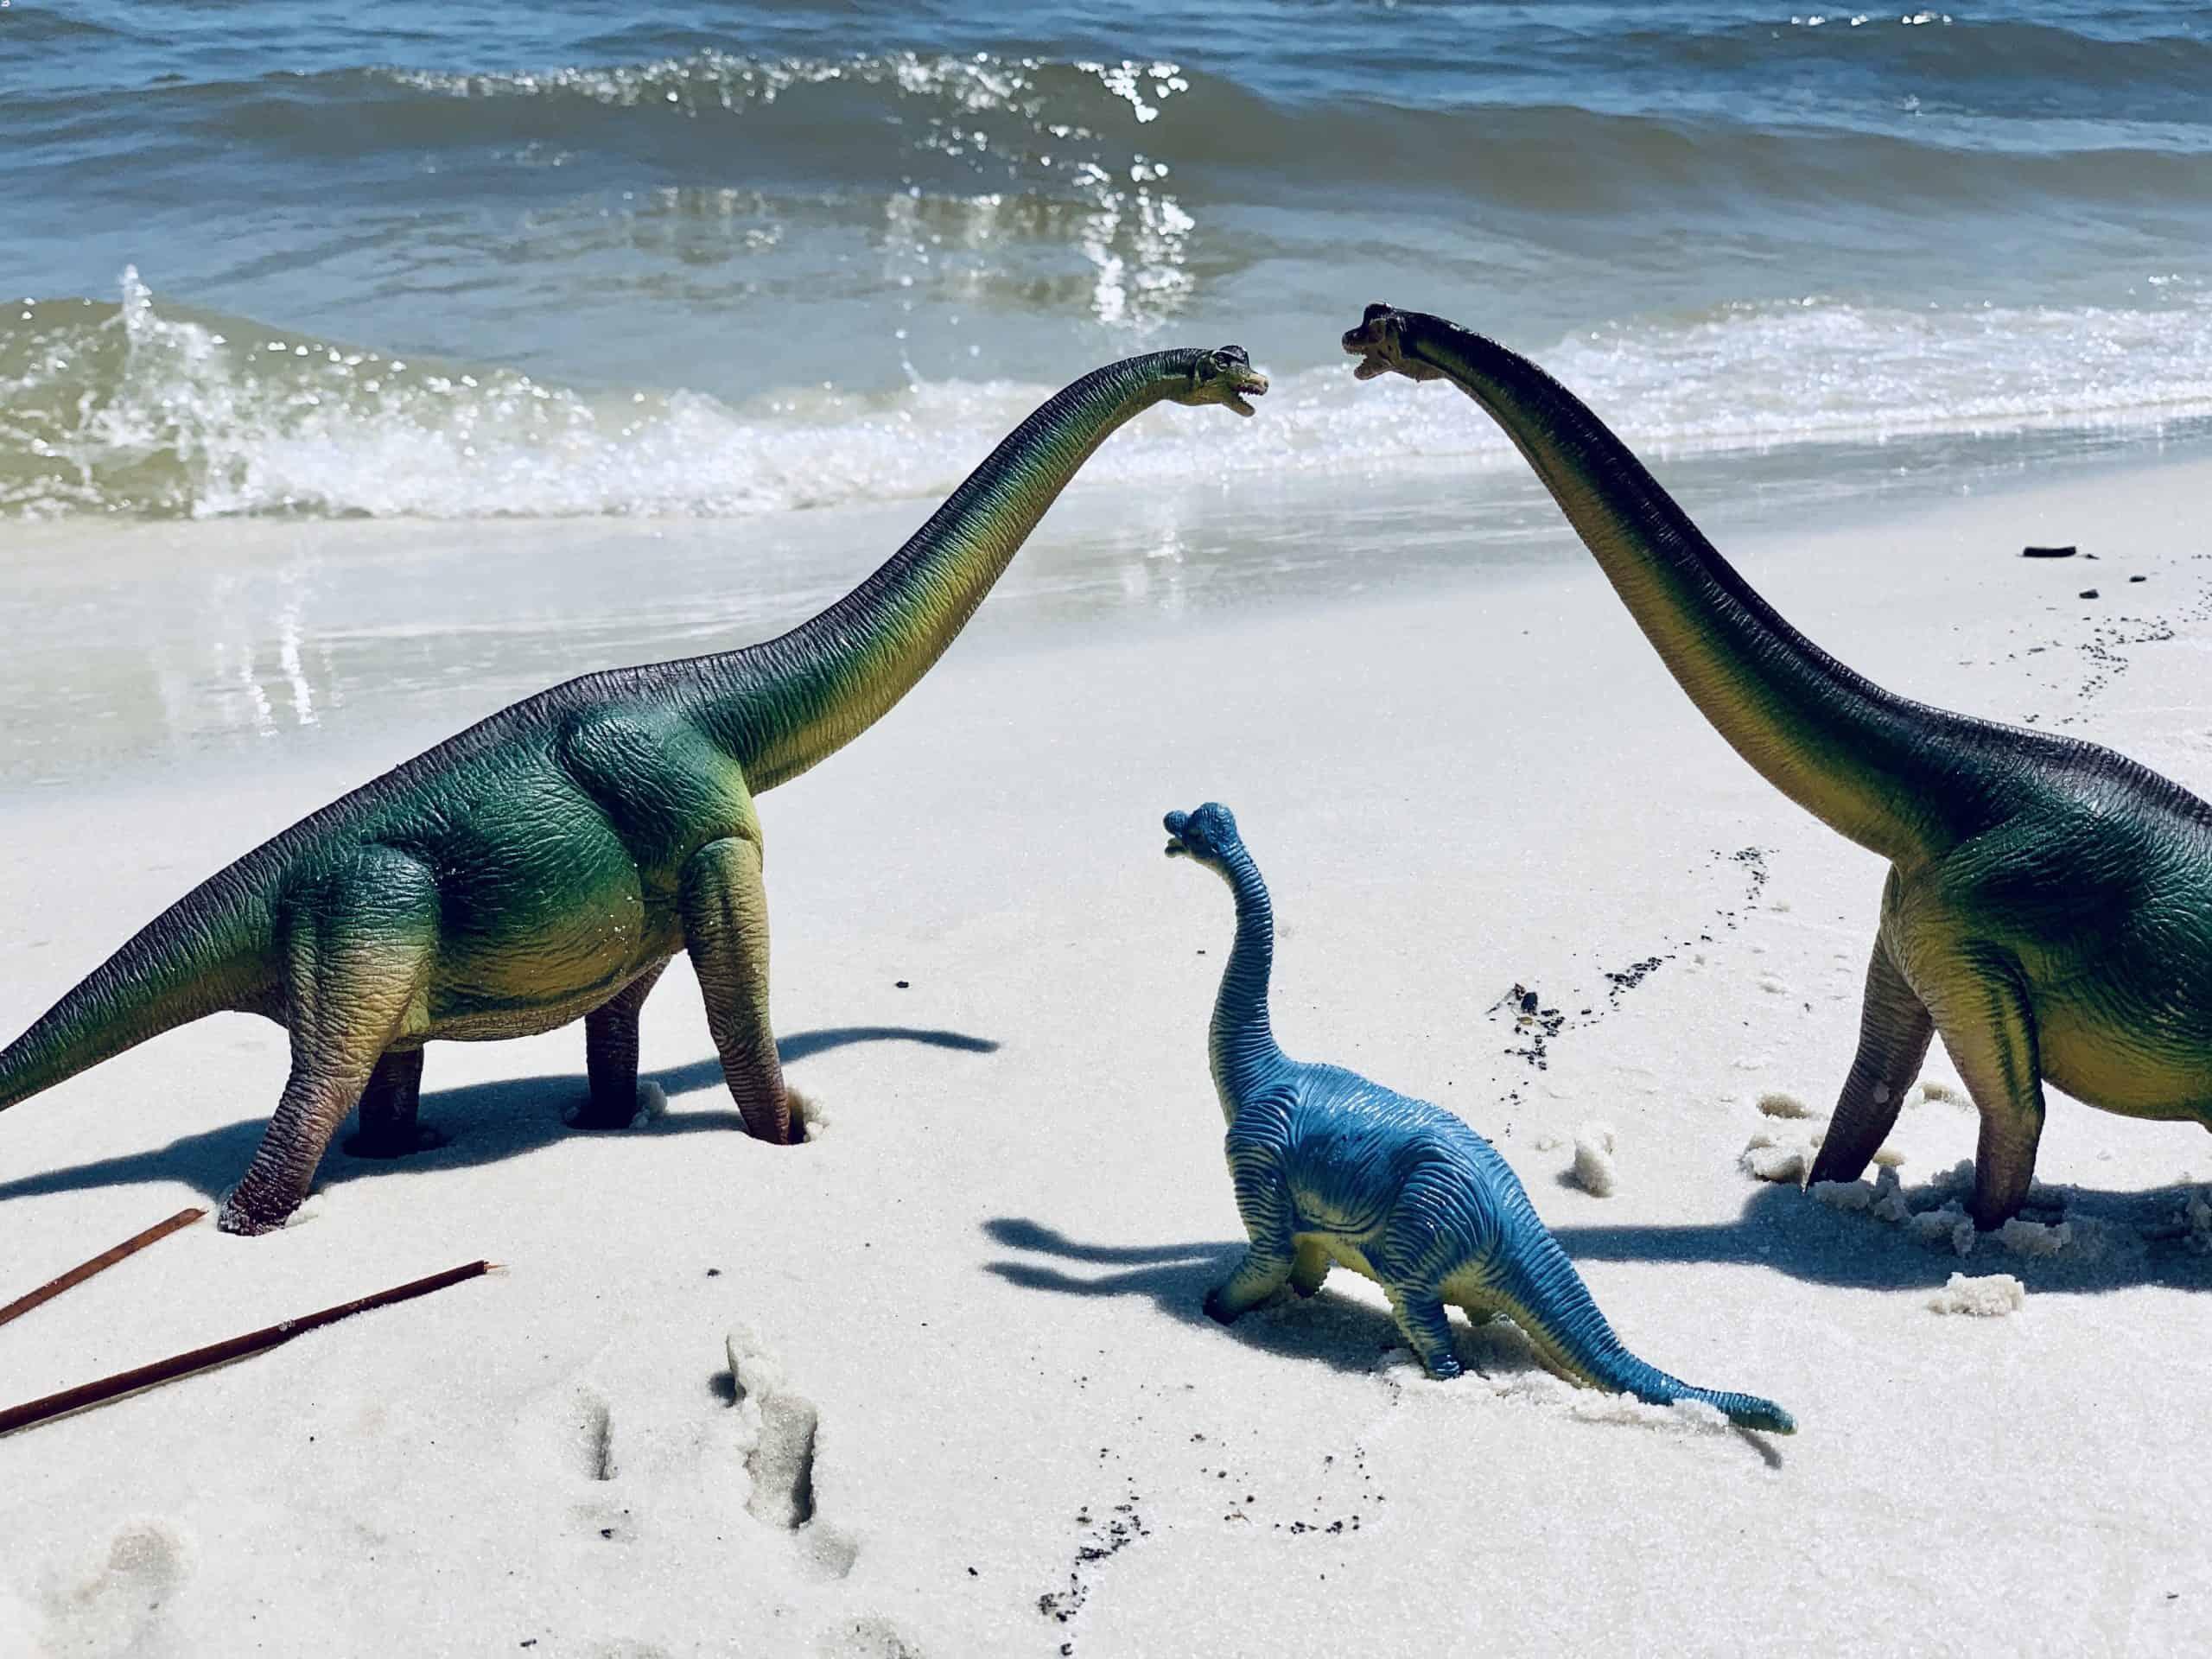 Dinosaur toys on the beach